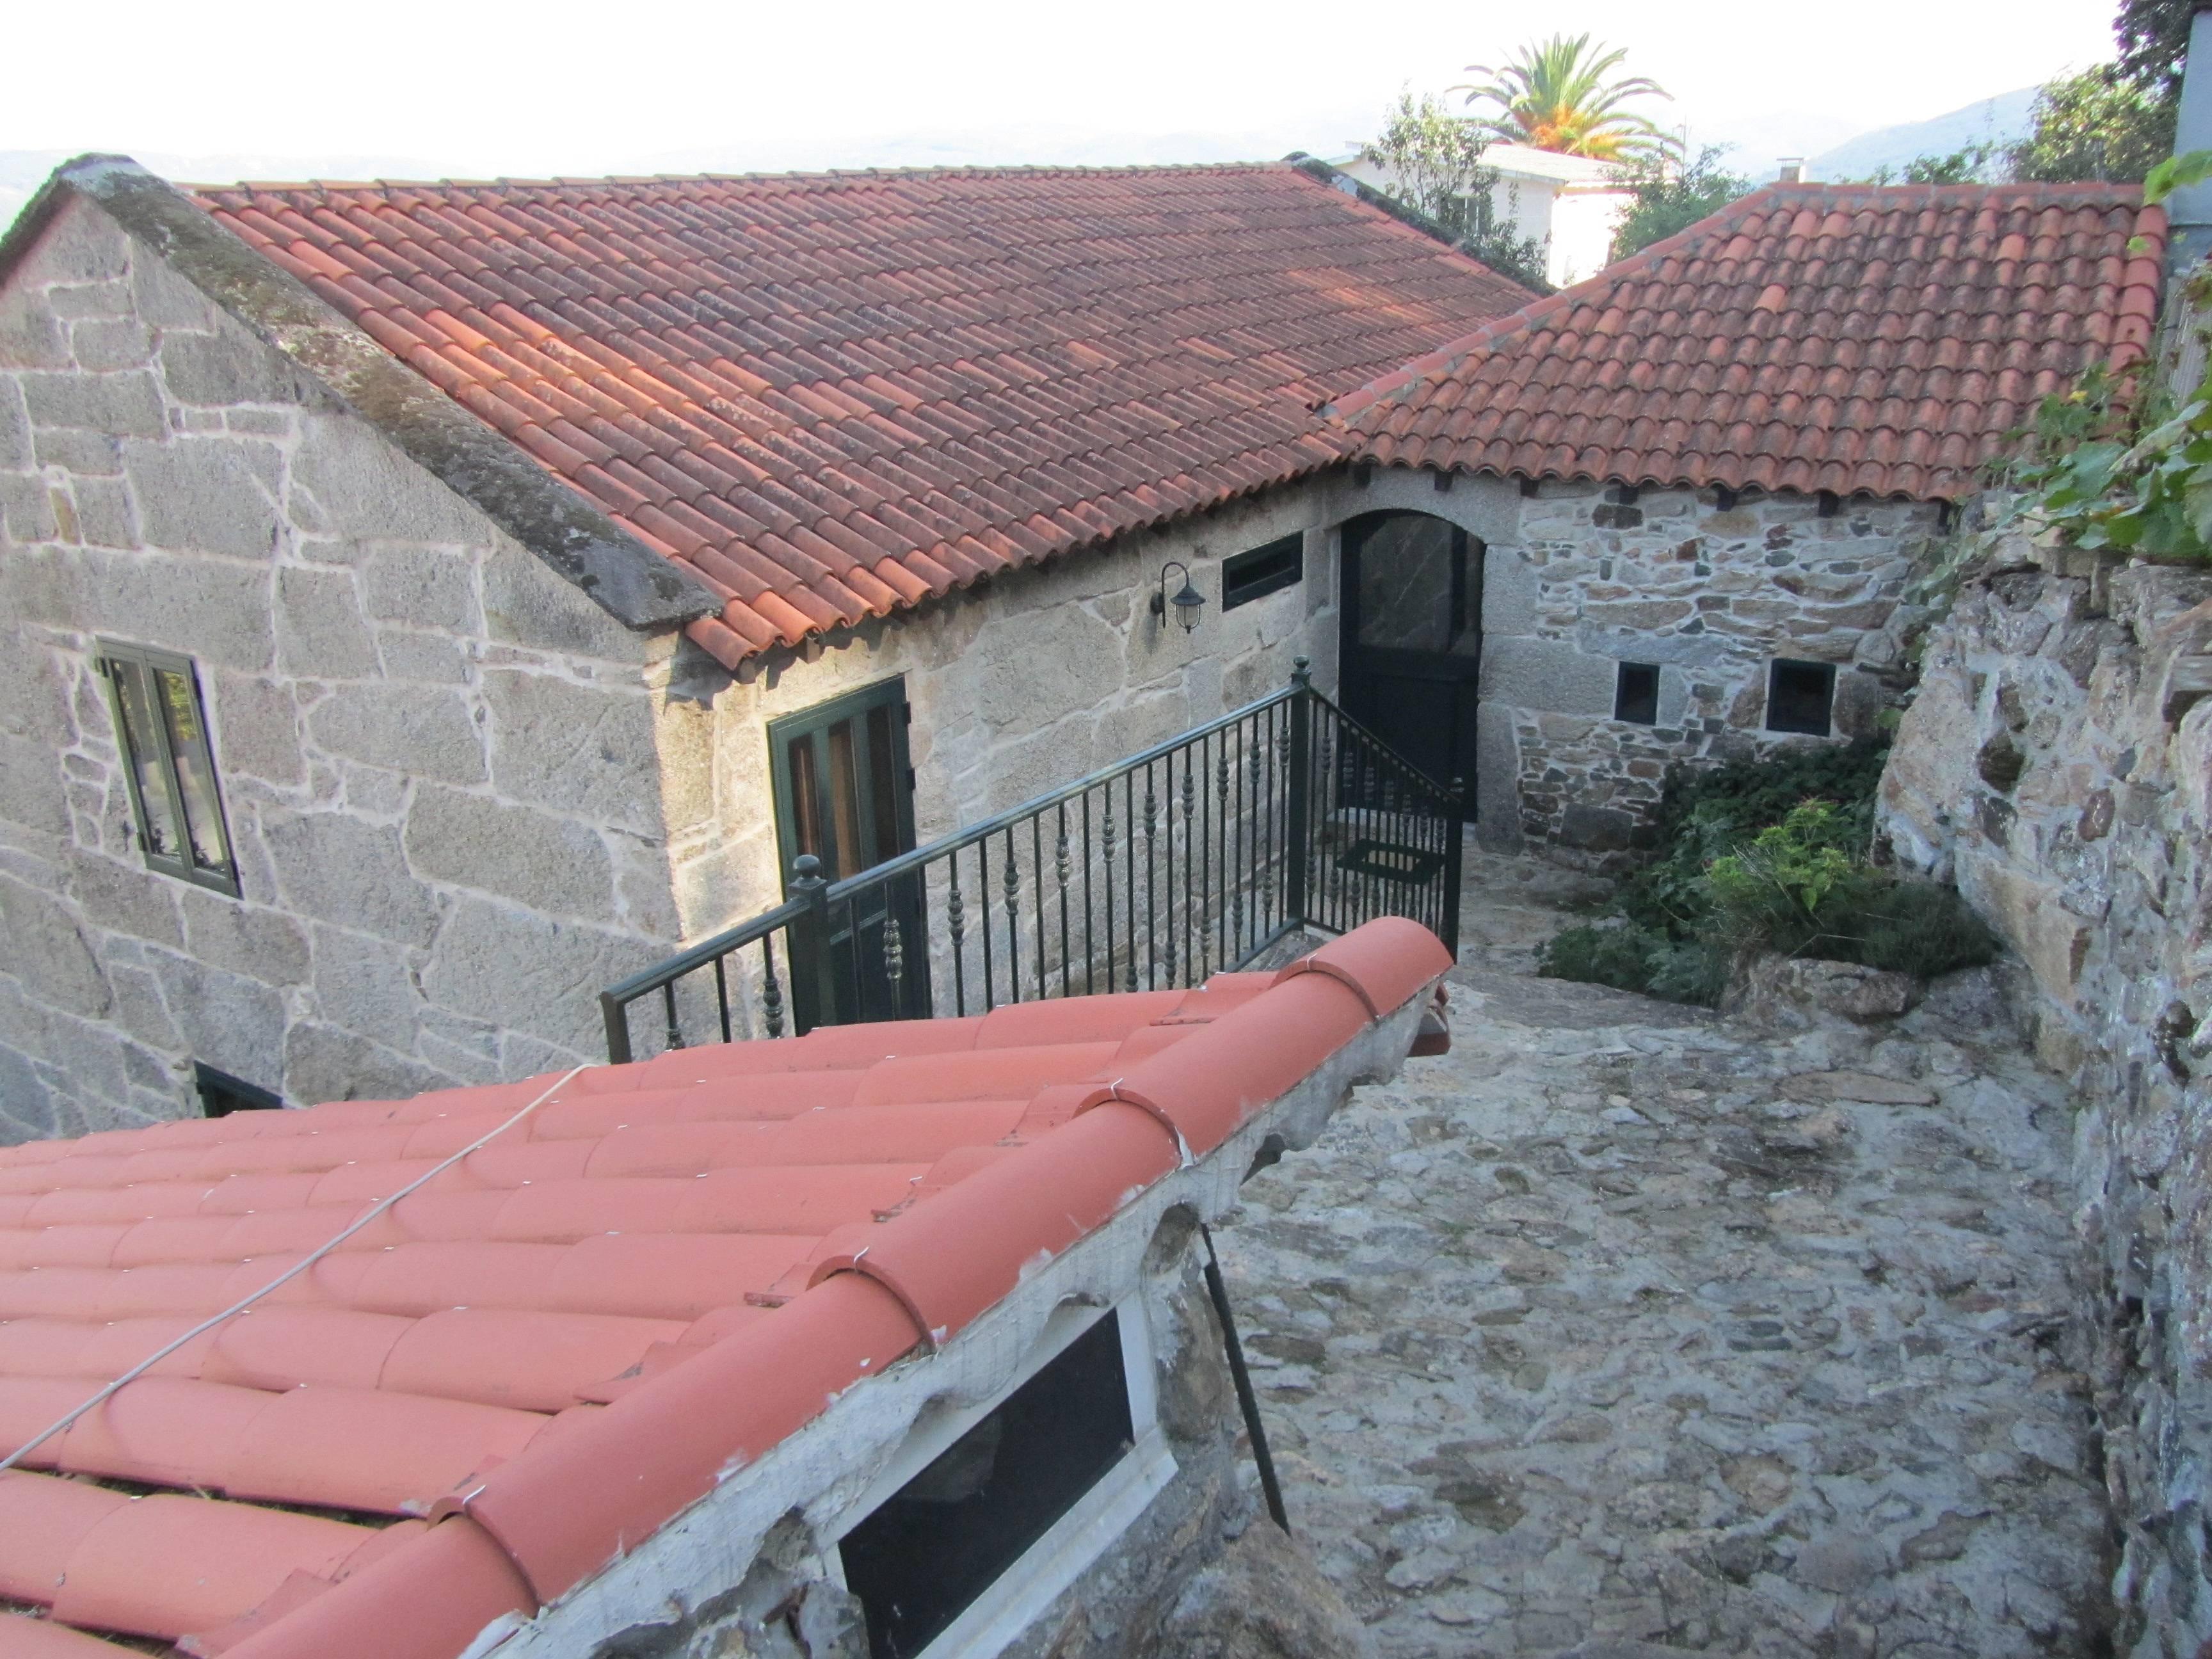 Casa en alquiler a 2 km de la playa cobres san adrian p vilaboa pontevedra - Alquiler casa vilaboa pontevedra ...